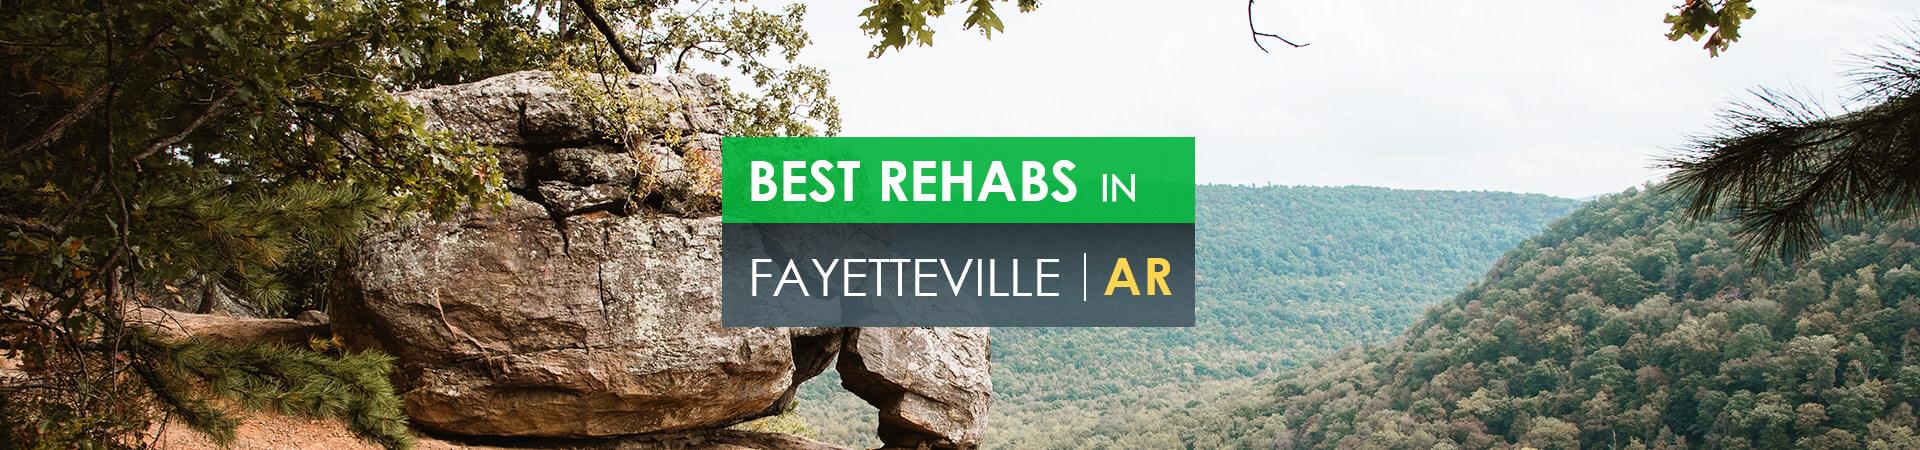 Best rehabs in Fayetteville, AR